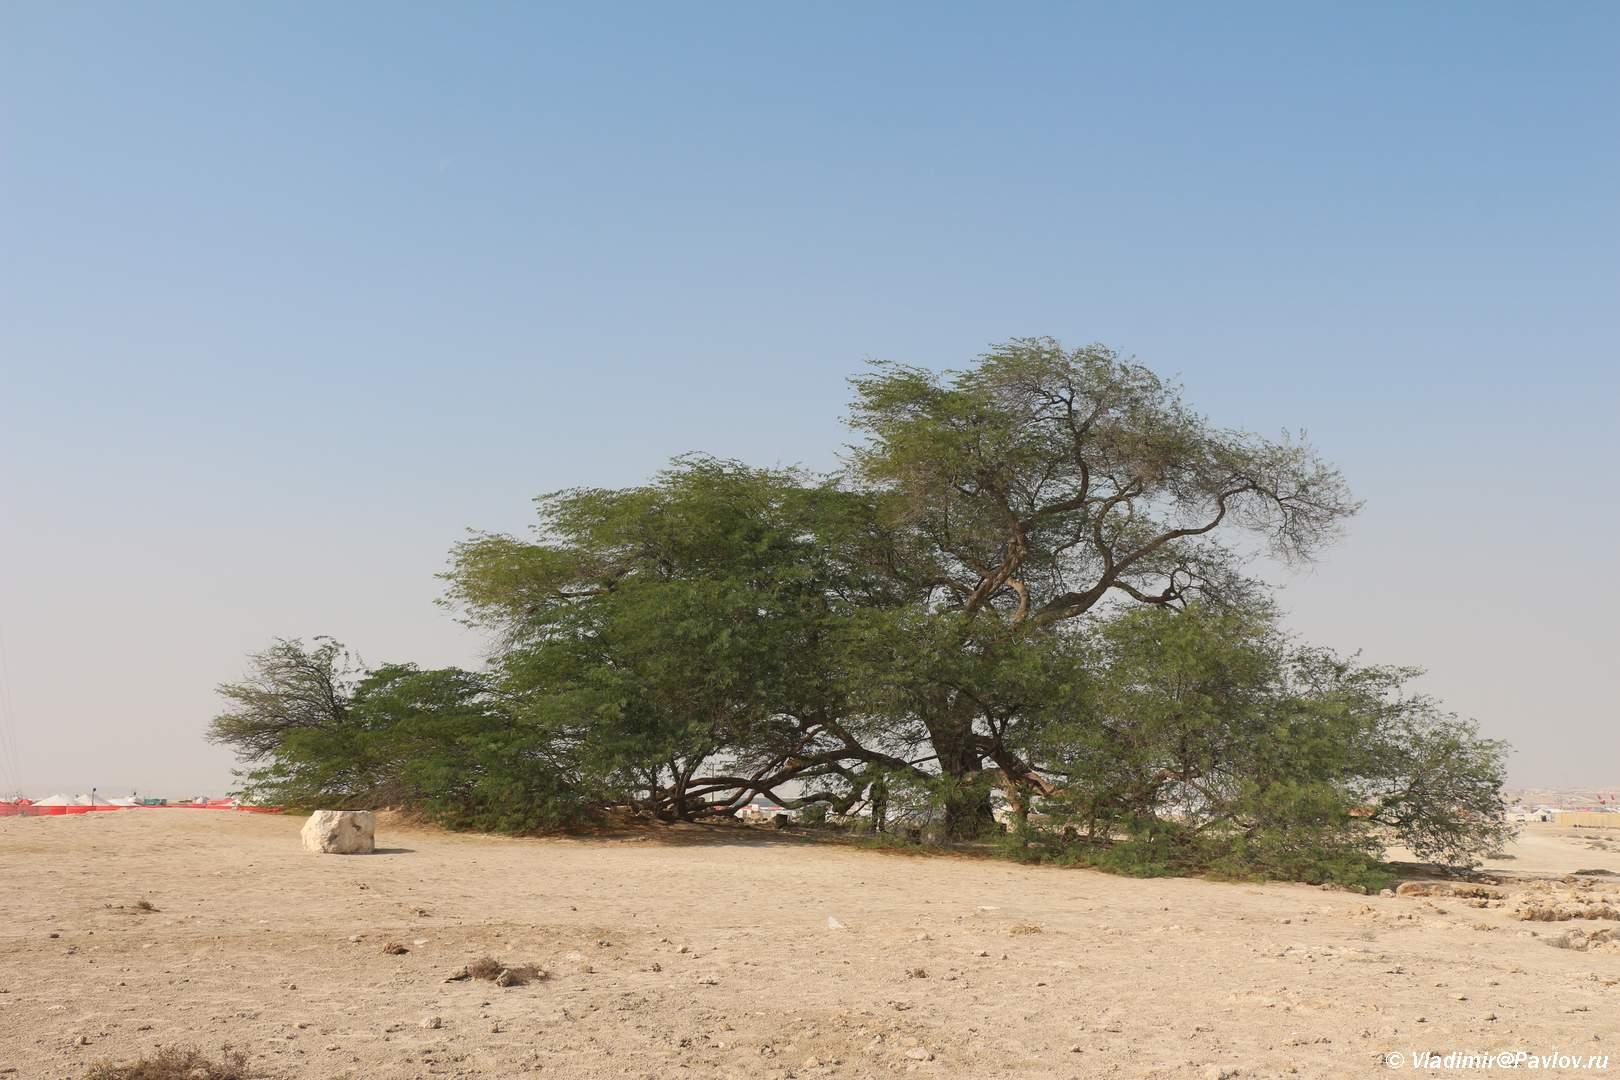 Dostoprimechatelnost Derevo ZHizni v pustyne Bahrejna. Tree Of Life. Bahrain - Древо Жизни в пустыне Бахрейна. Tree Of Life